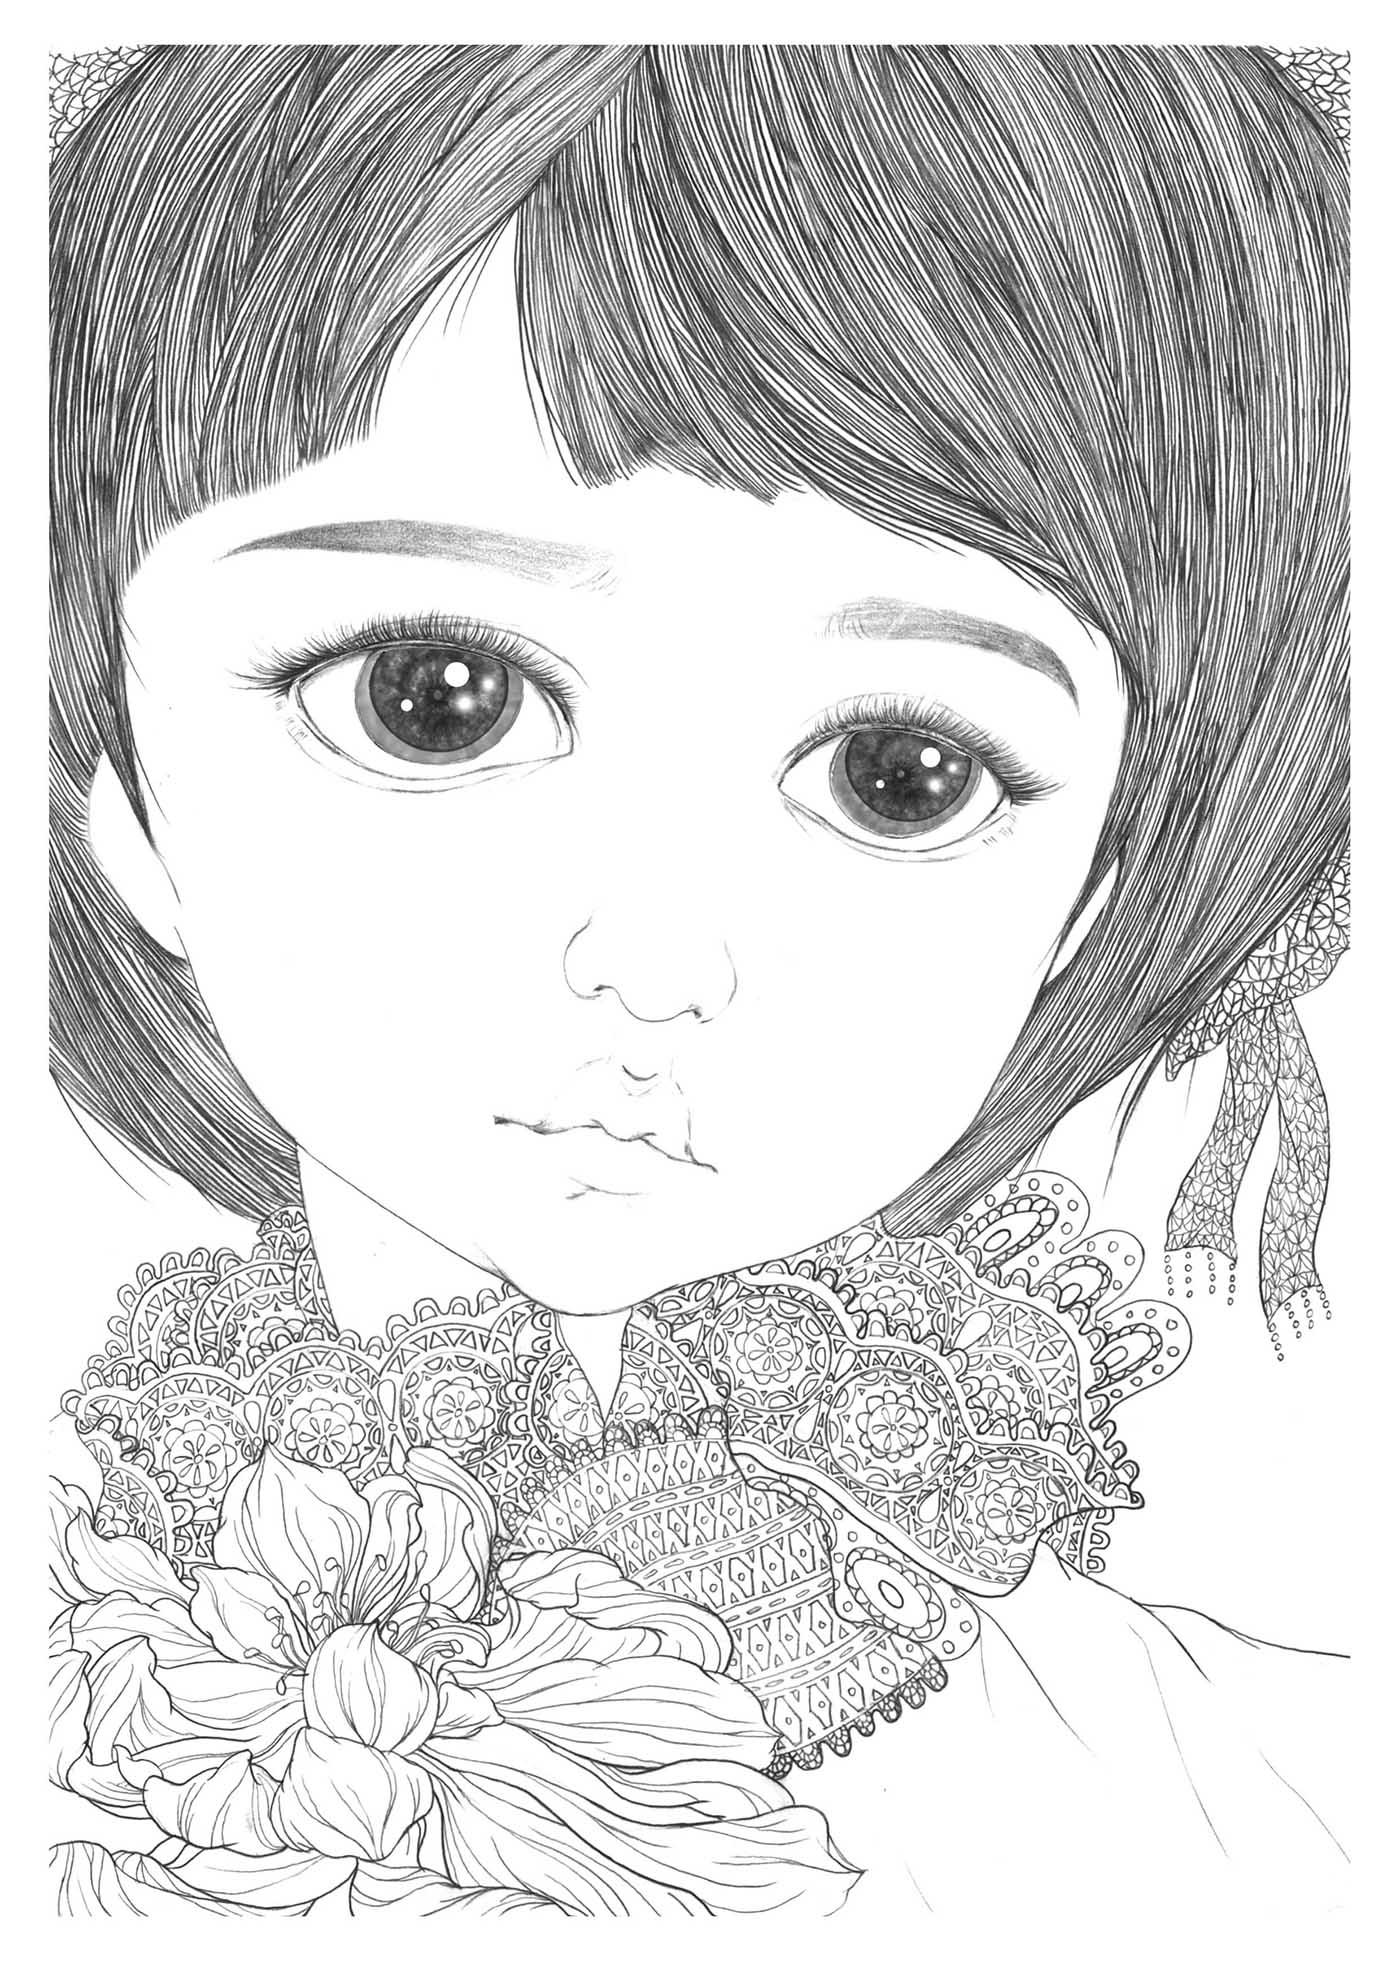 手绘铅笔线条人像插画